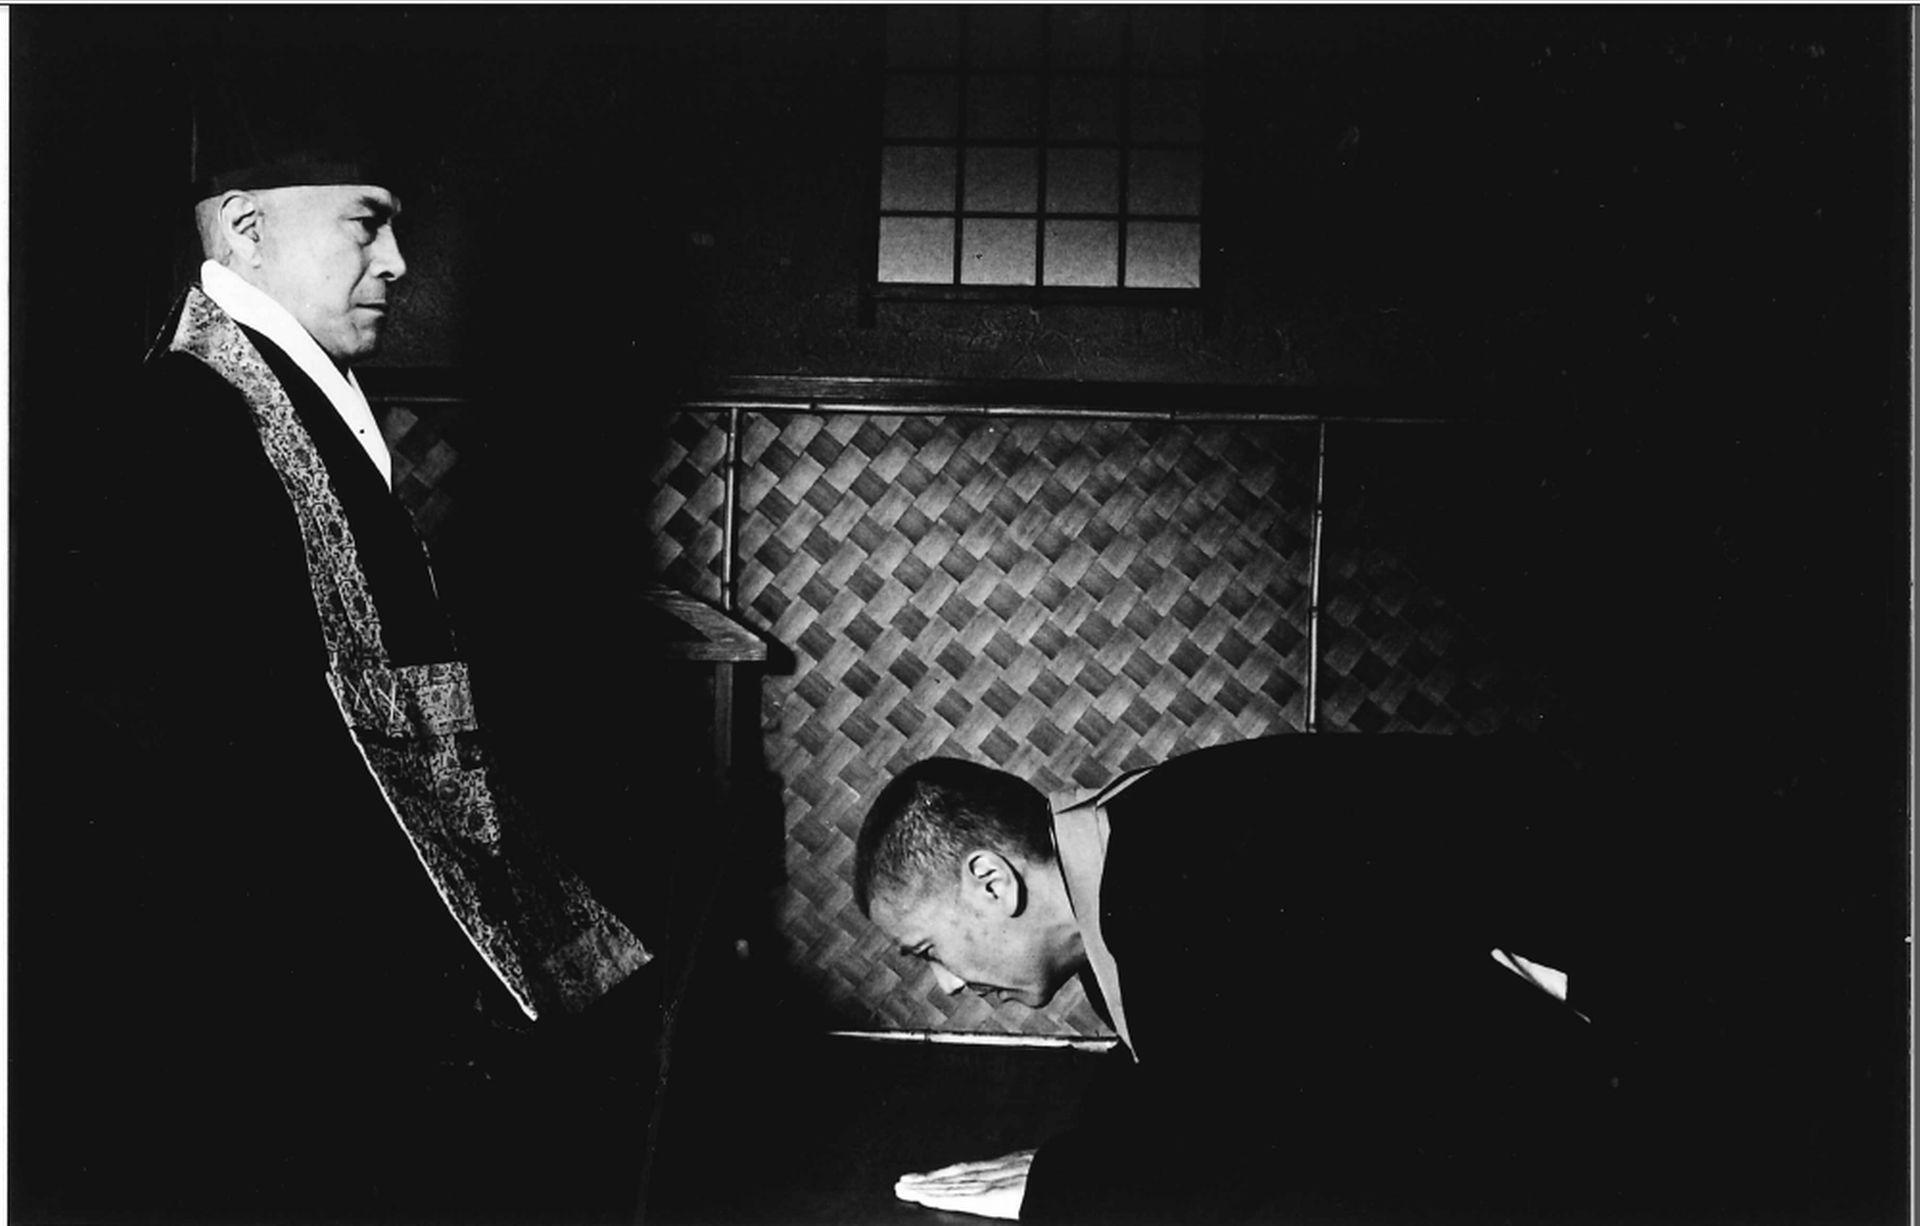 кадр из фильма «Смерть мастера чайной церемонии»